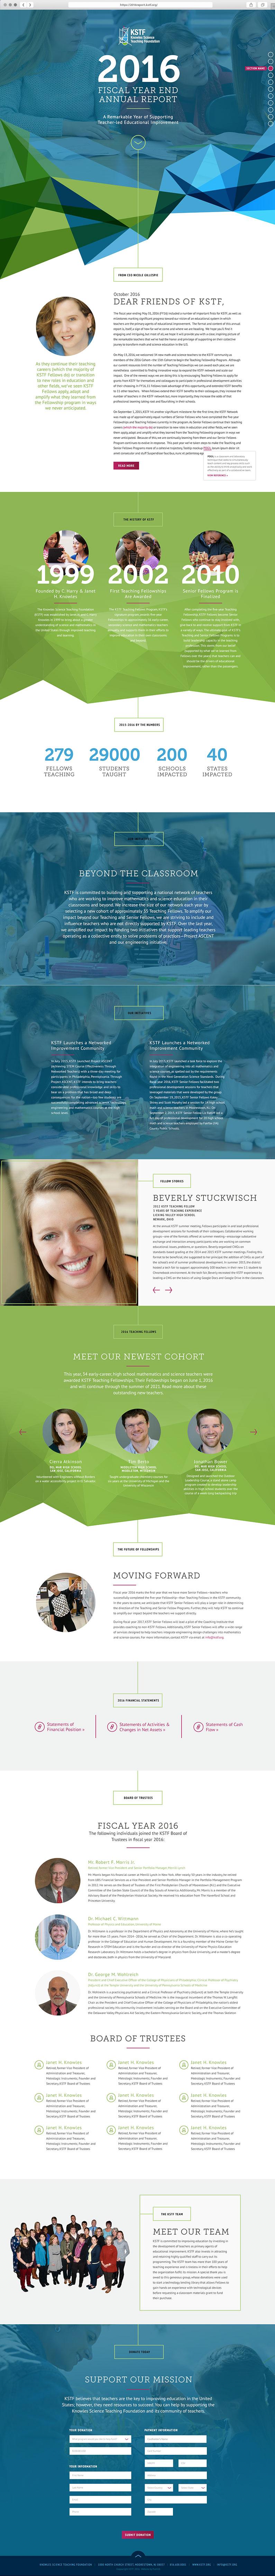 KSTF non-profit microsite web design